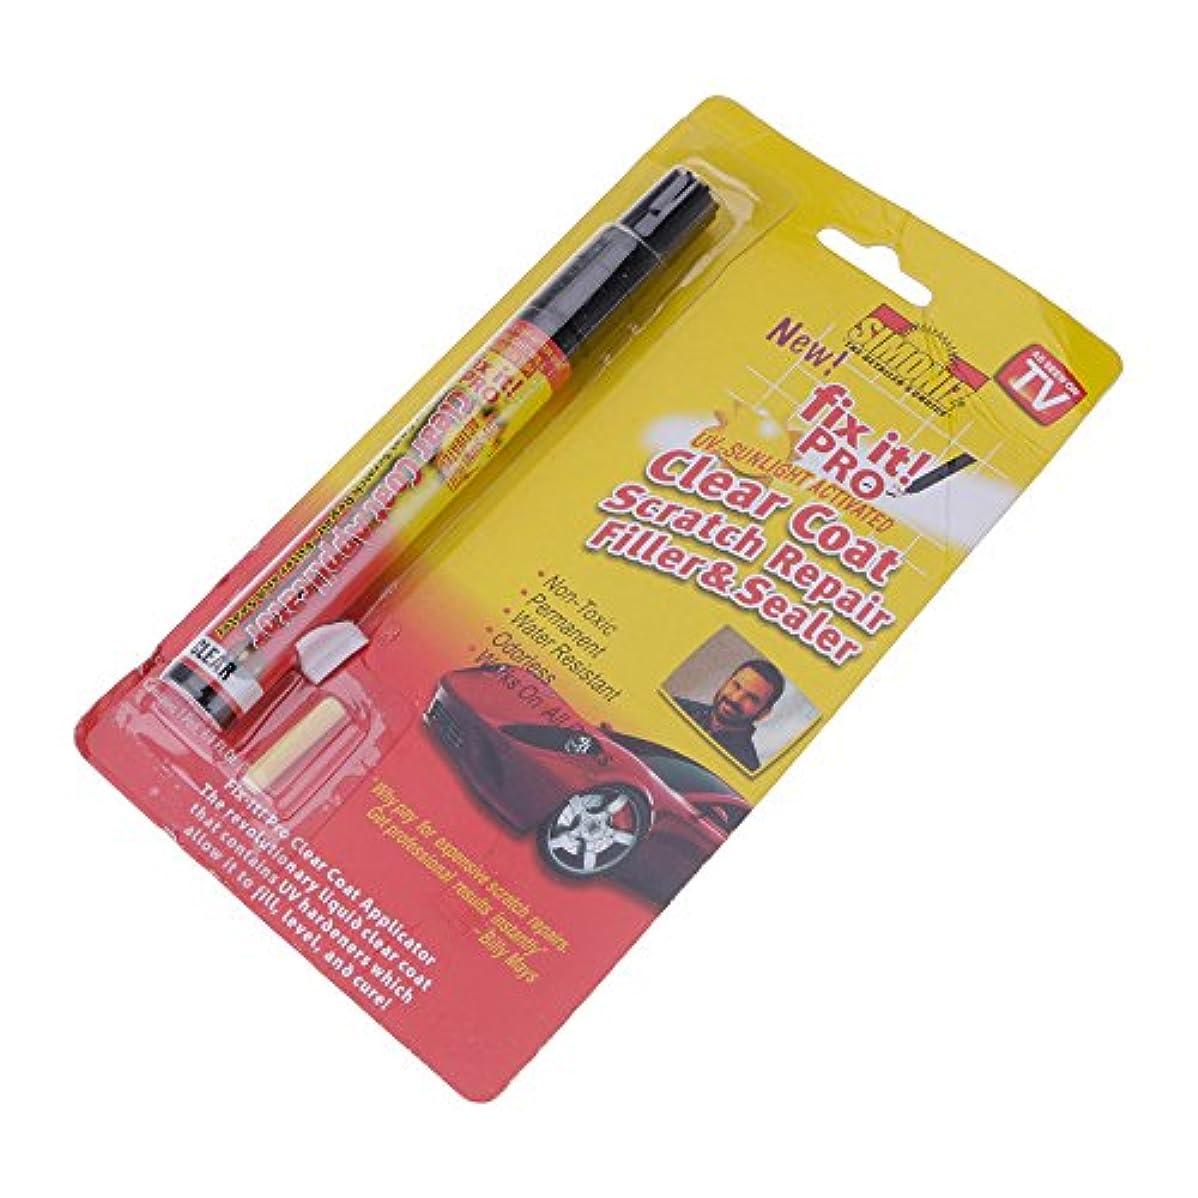 カイウス砂居眠りするMmrm 車のボディ 補修ペン 傷 リムーバー マーカー クリア塗装 アプリケーション Fix It ツール 2個入り